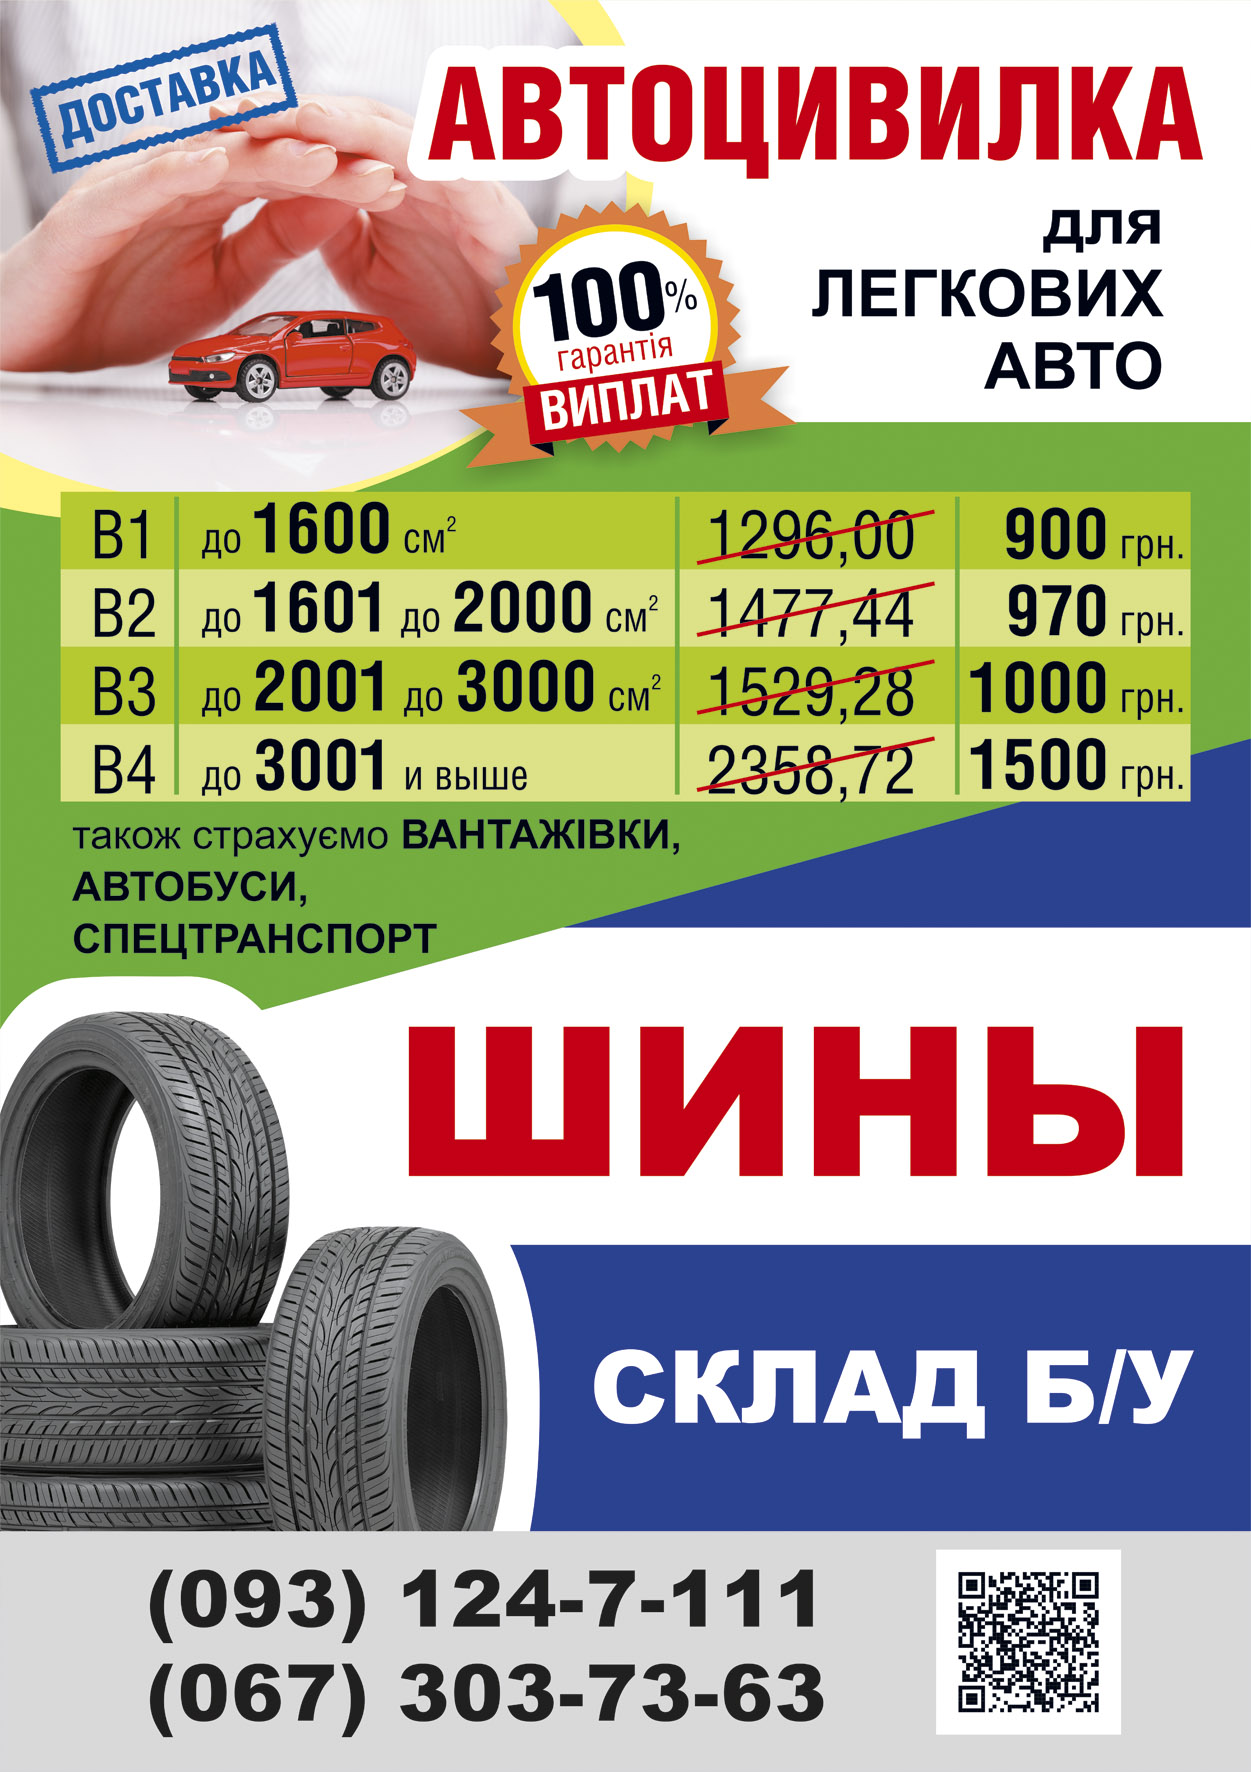 Дизайн плаката СТО